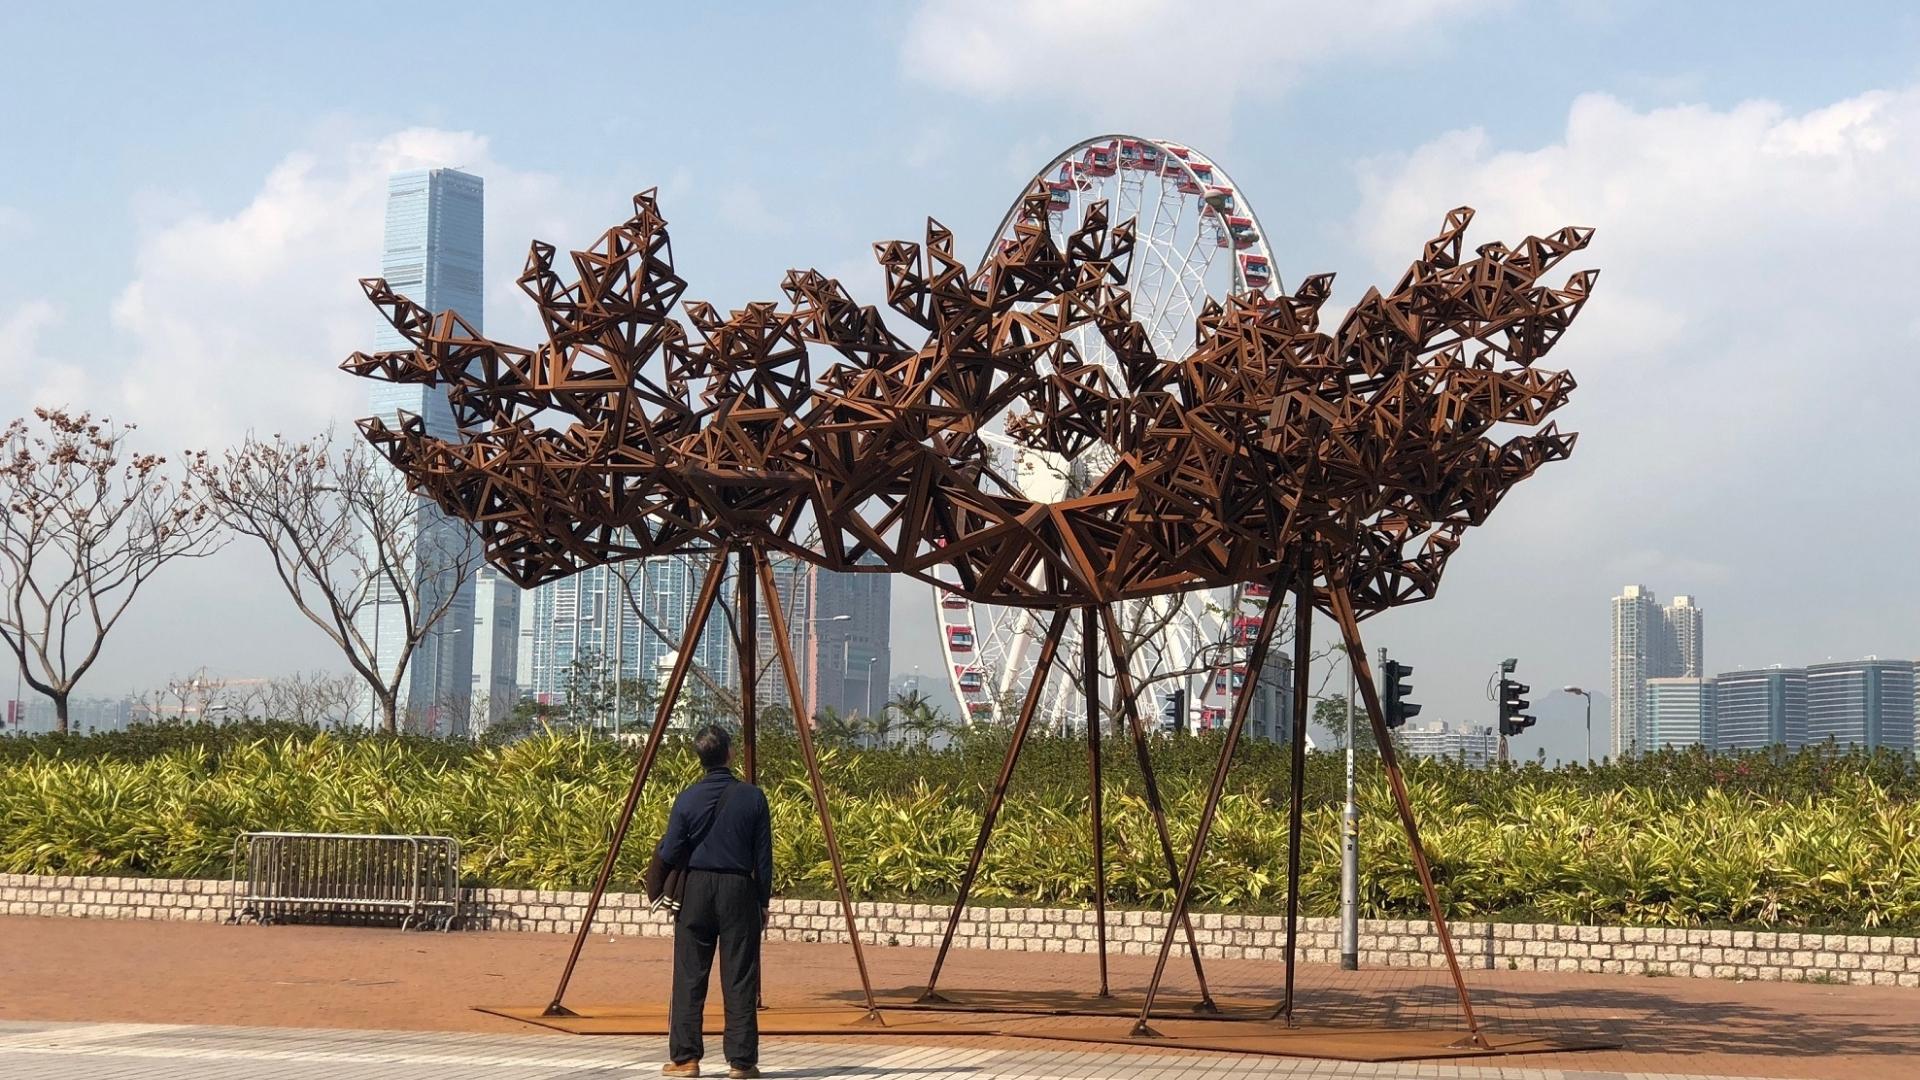 Harbour Arts Sculpture Park 2018 Hong Kong - public engagement